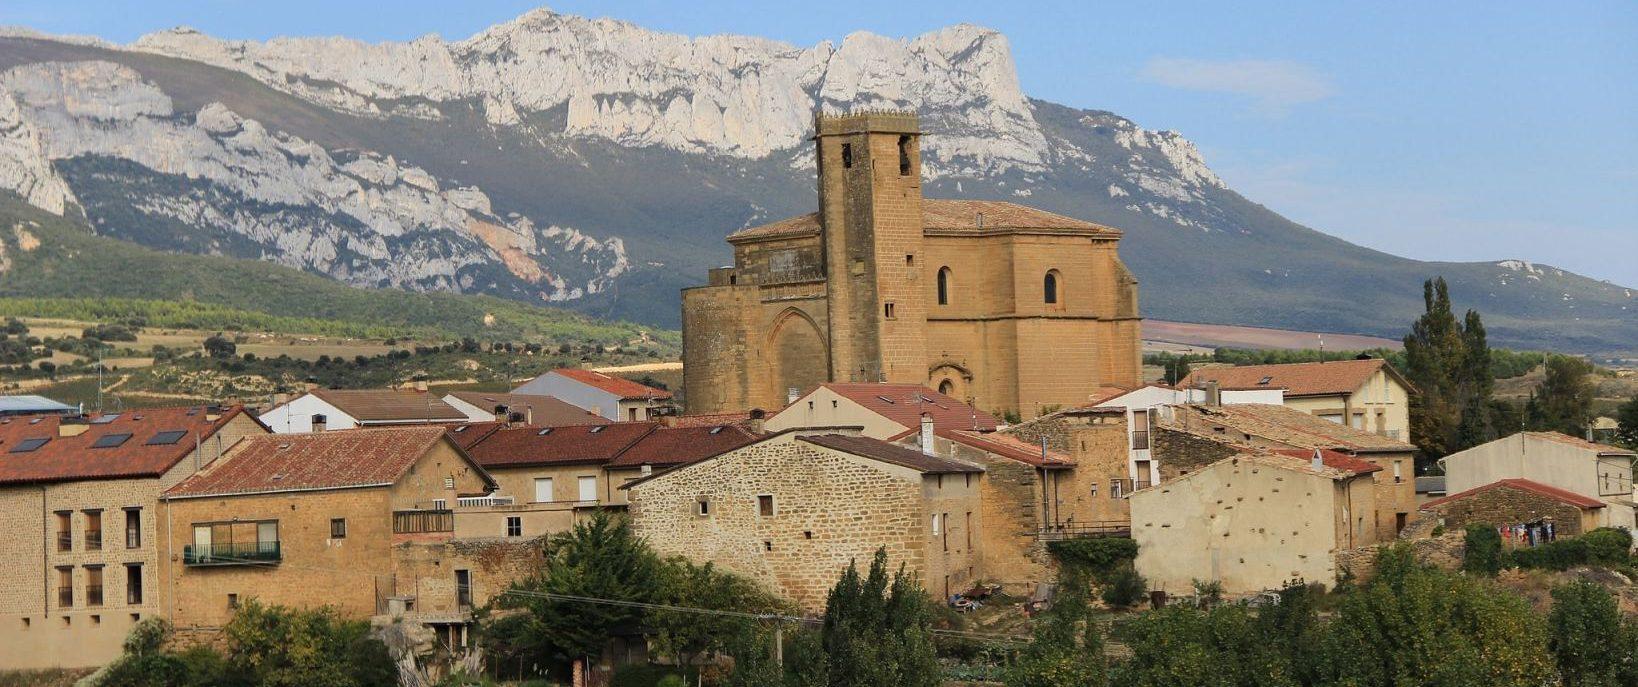 Samaniego, Villa de vinos en Rioja Alavesa